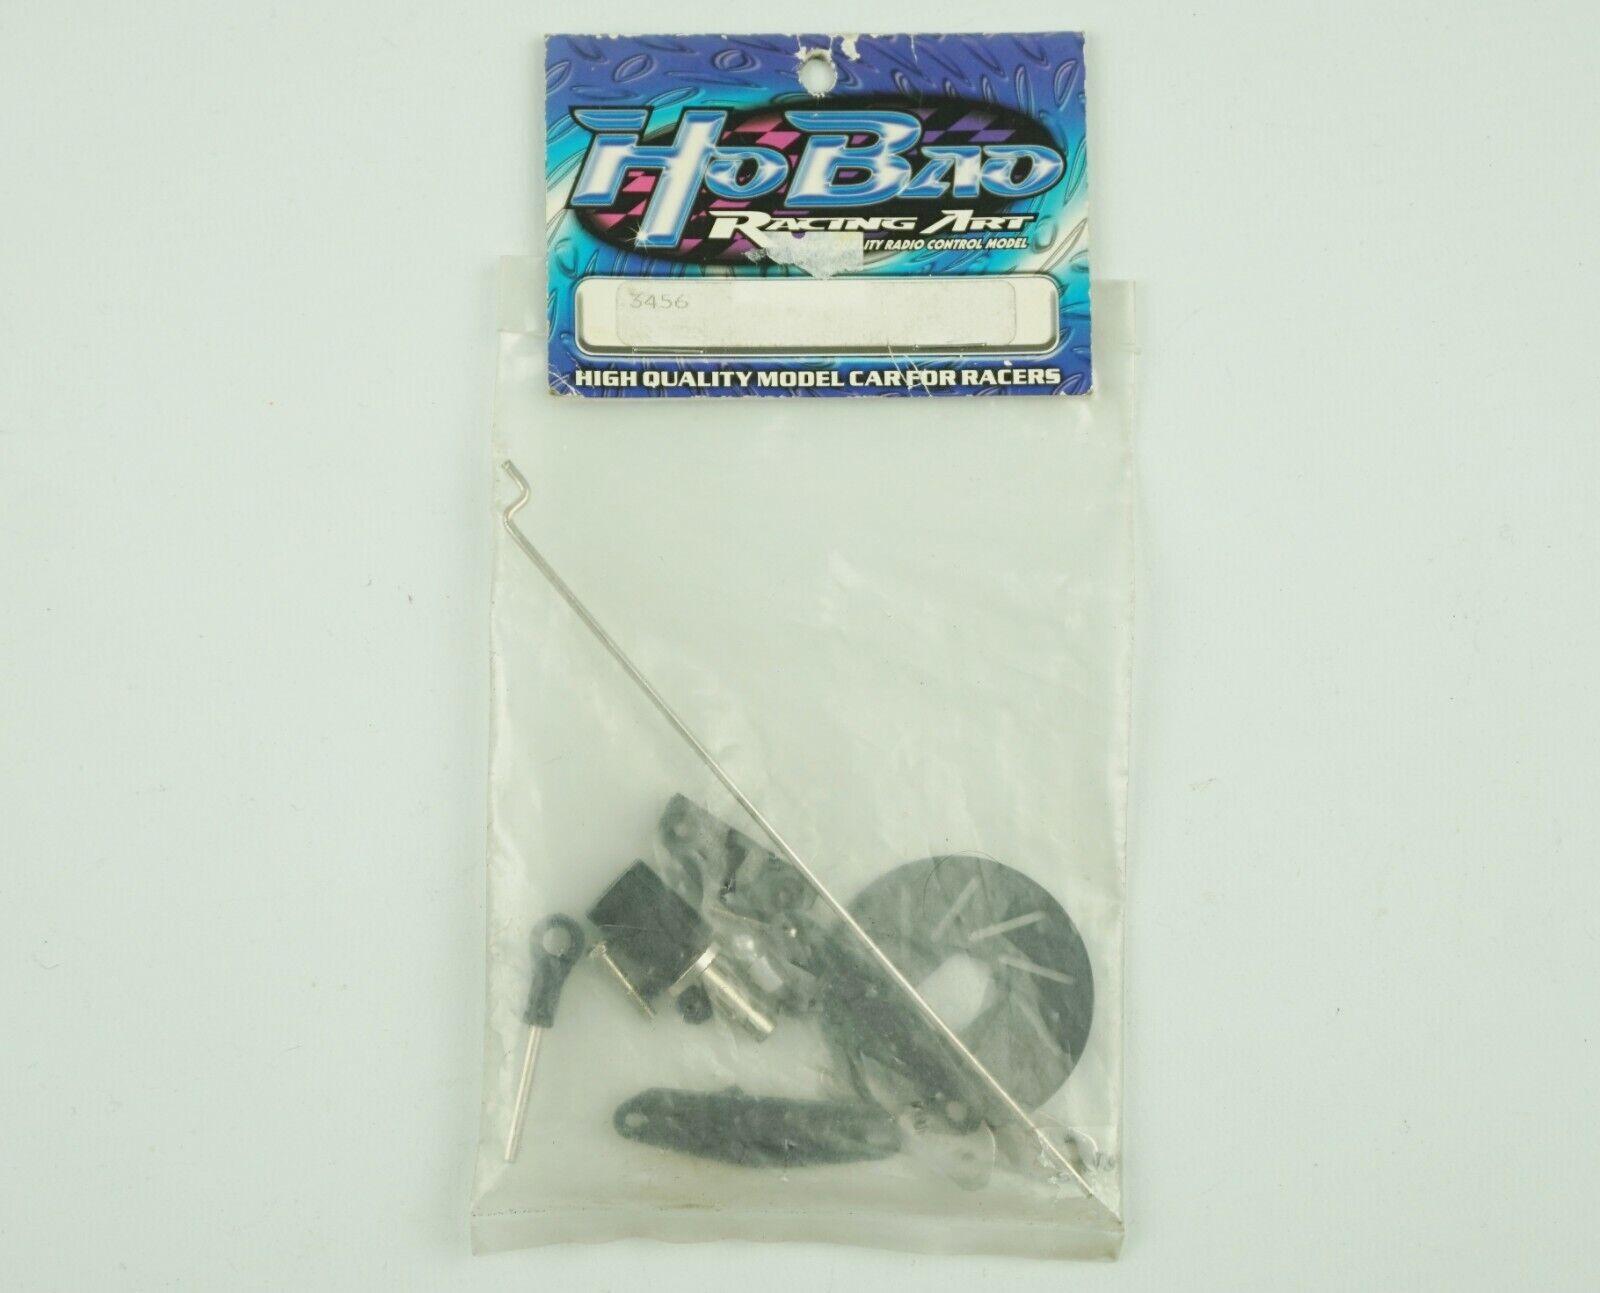 HoBao HoBao HoBao 3456 1 8th Rear Brake Conversion Set RC Spare Part 214924